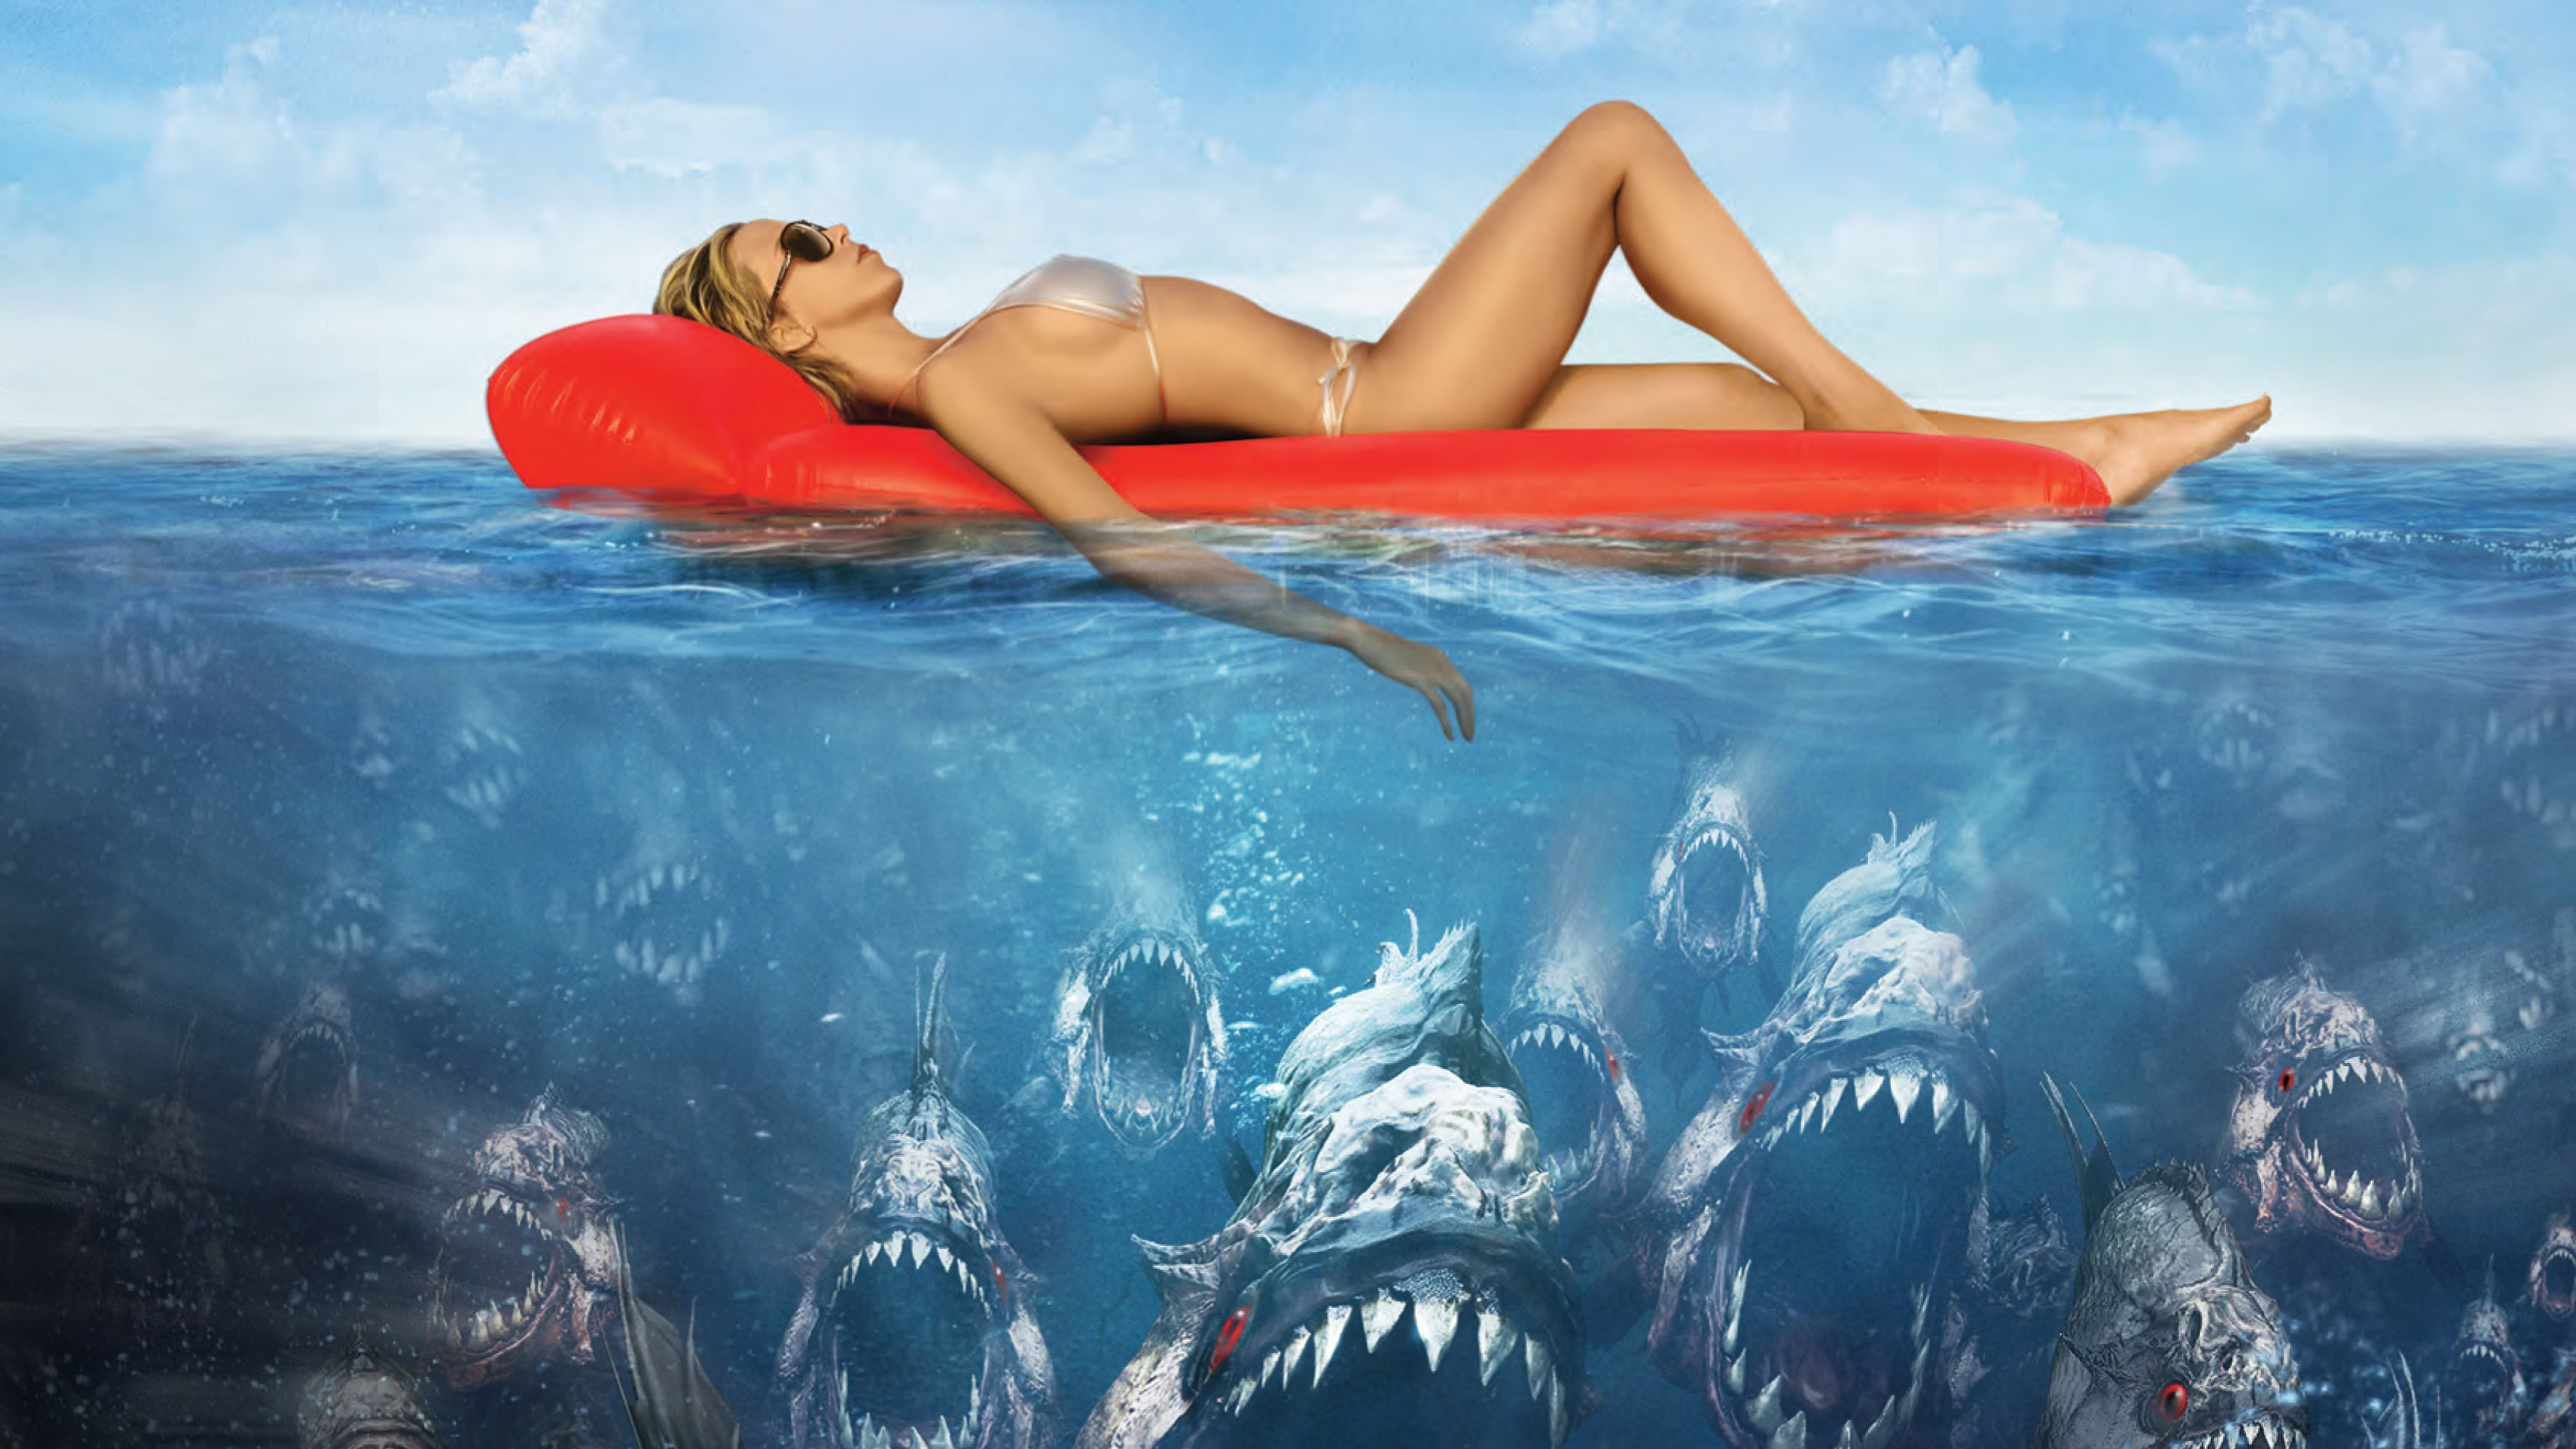 Сматреть бесплатнопираньи 3dd секс море кровища